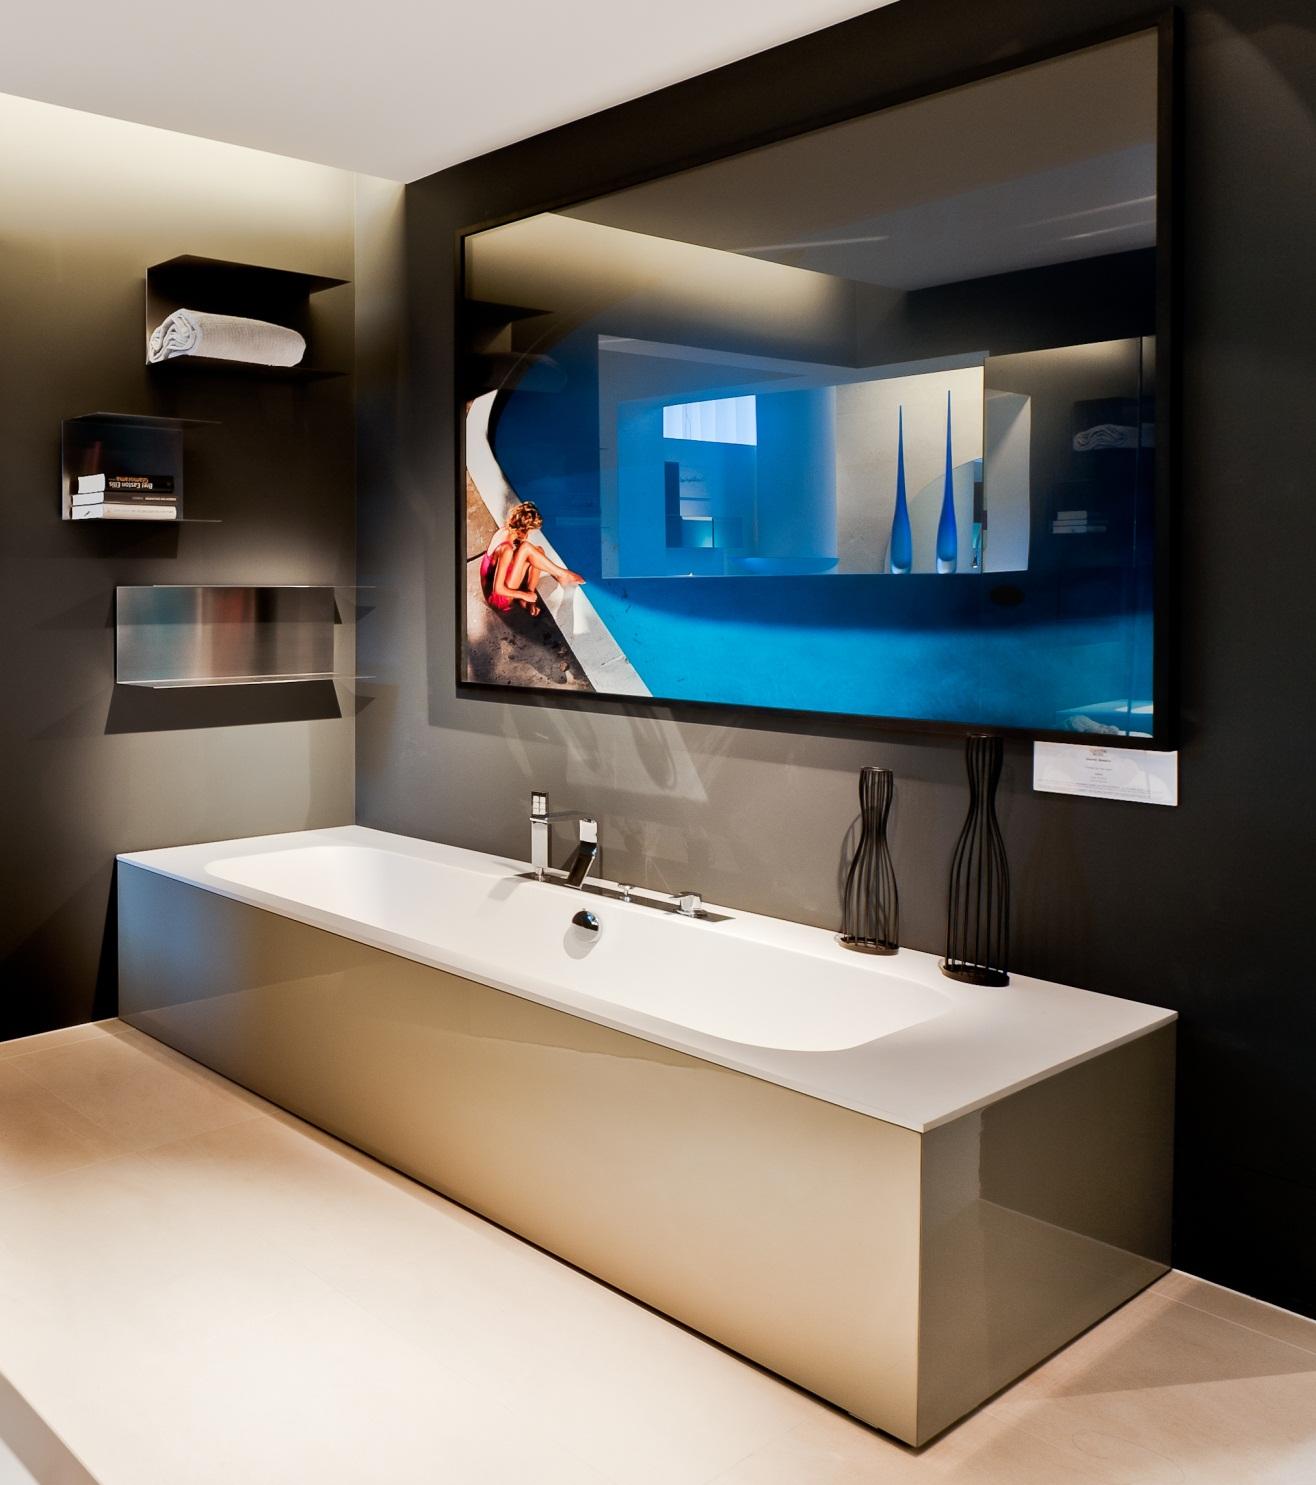 15 phòng tắm với phong cách tối giản mà vẫn cuốn hút - Ảnh 19.